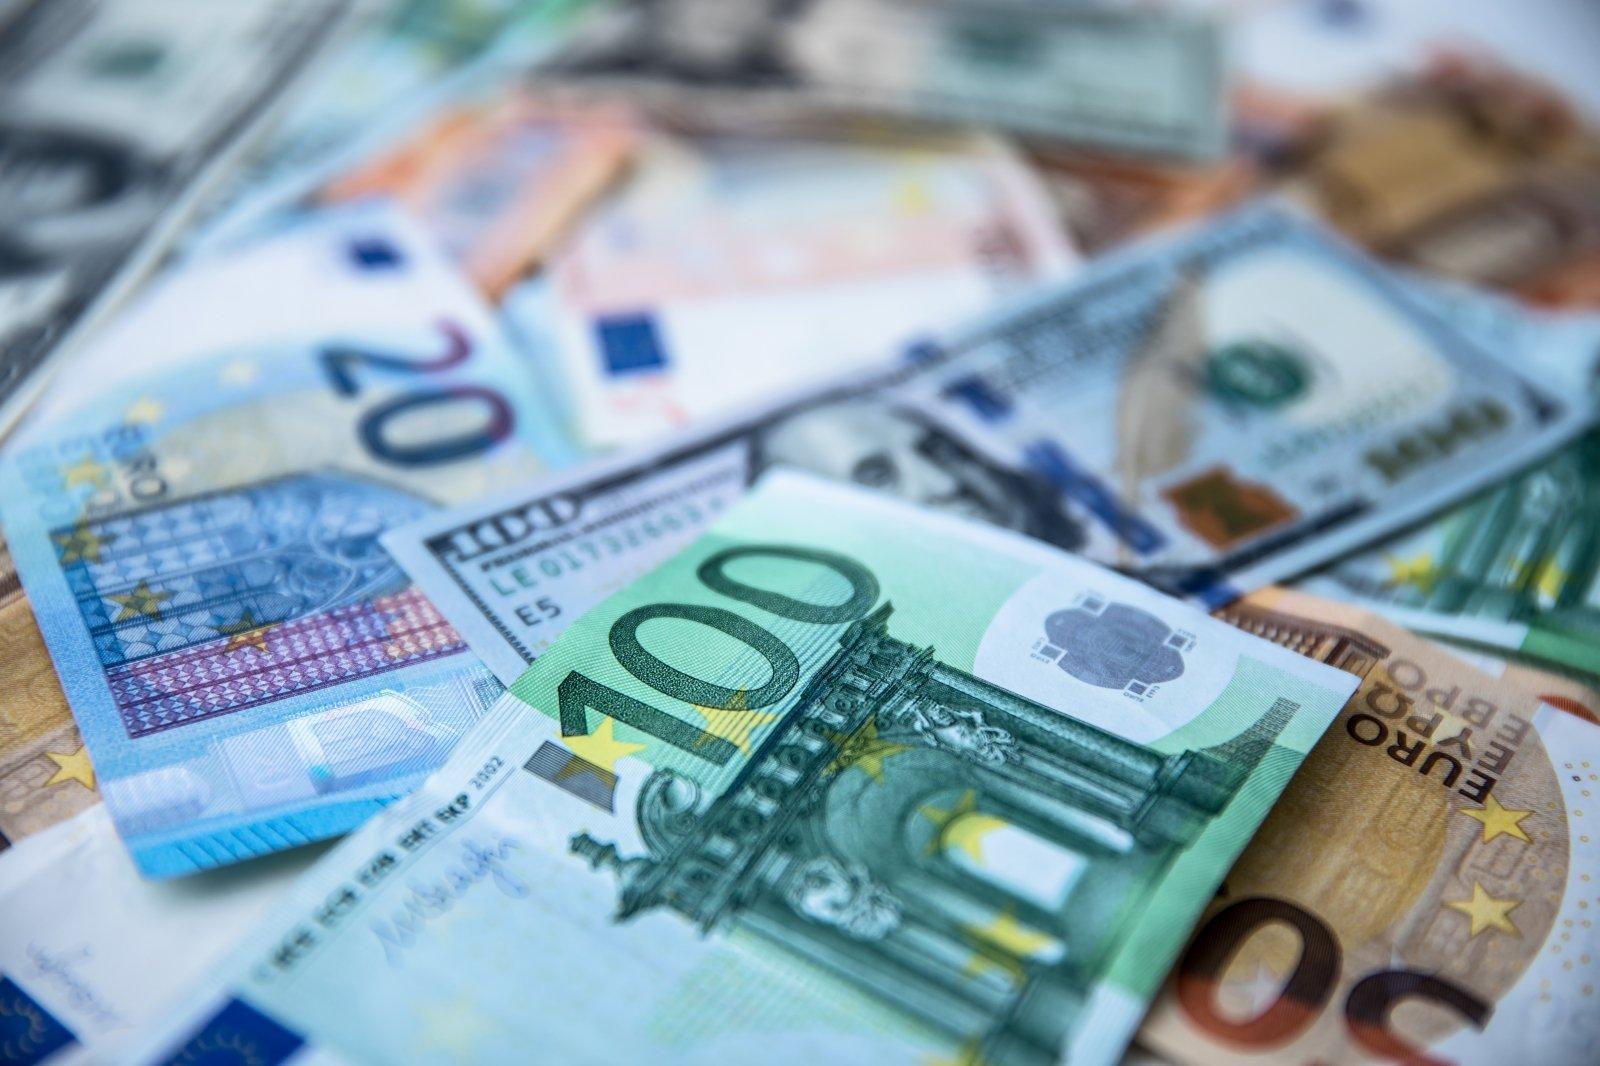 užsidirbti pinigų toje vietoje finansinio nepriklausomumo rodiklio išvada